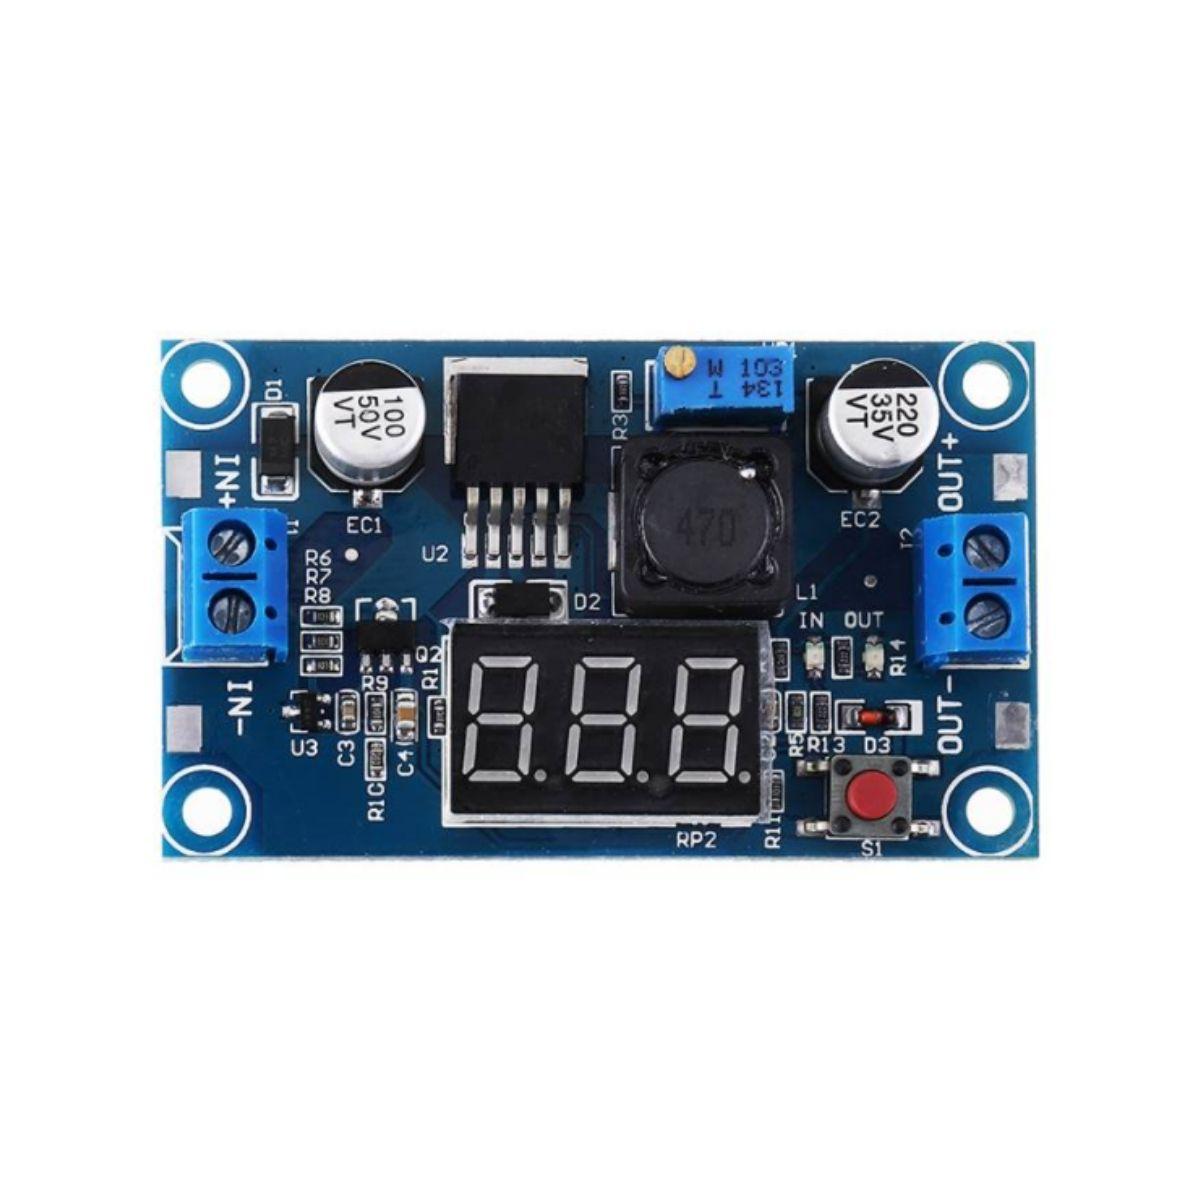 2x Regulador de Tensão Step Down Ajustável LM2596 DC-DC com Display